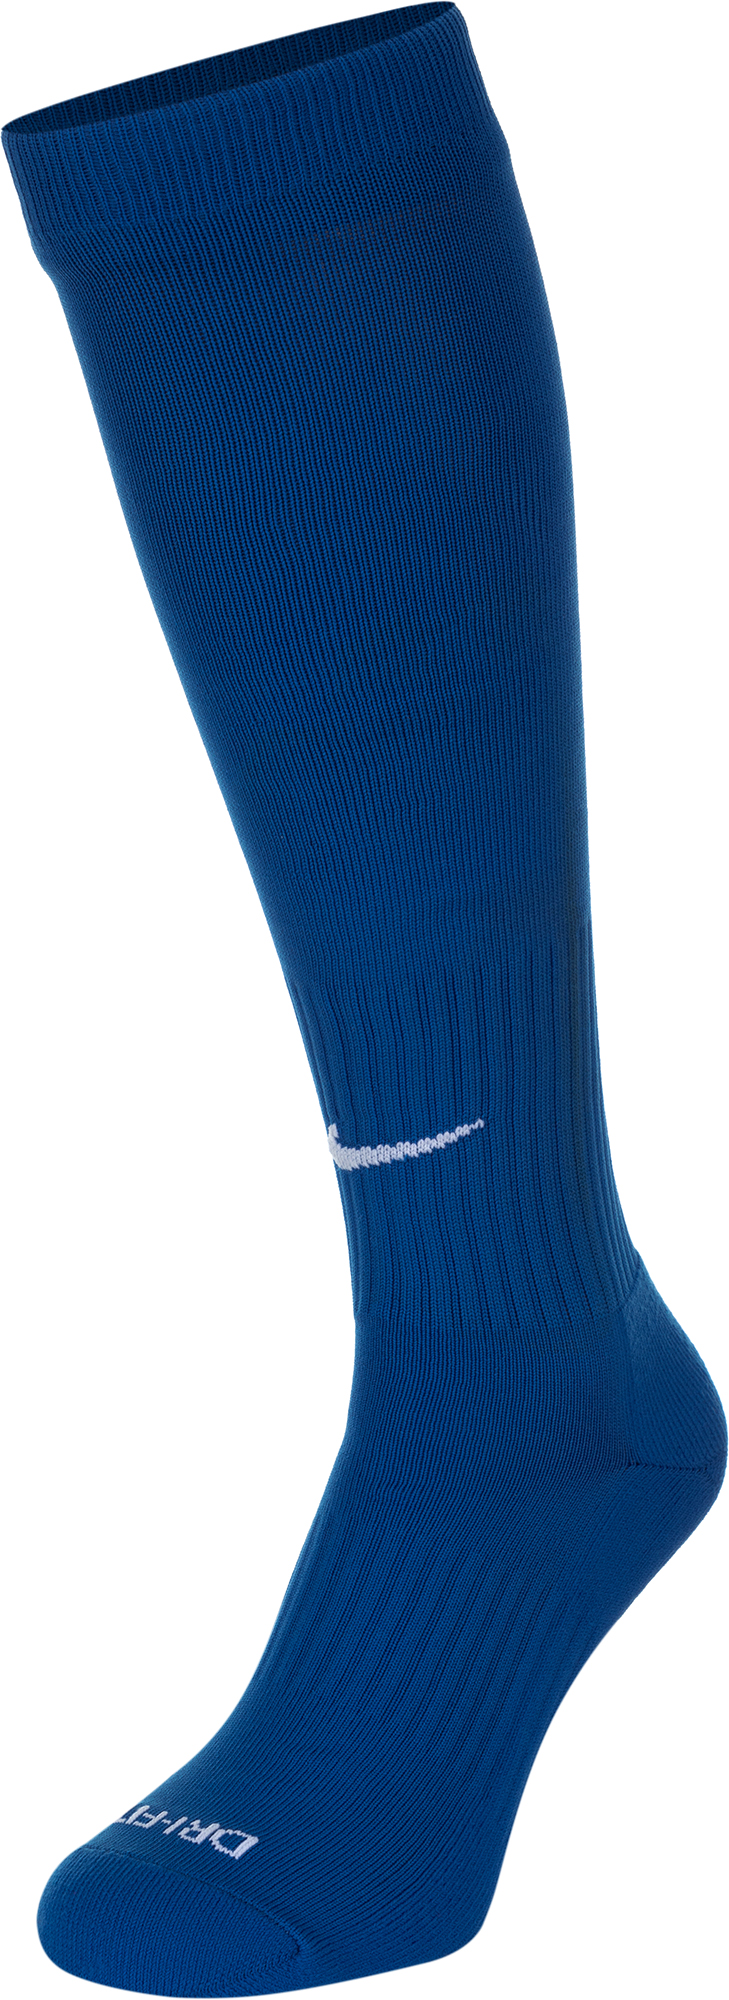 Nike Гетры мужские Classic Soccer, размер 41-45